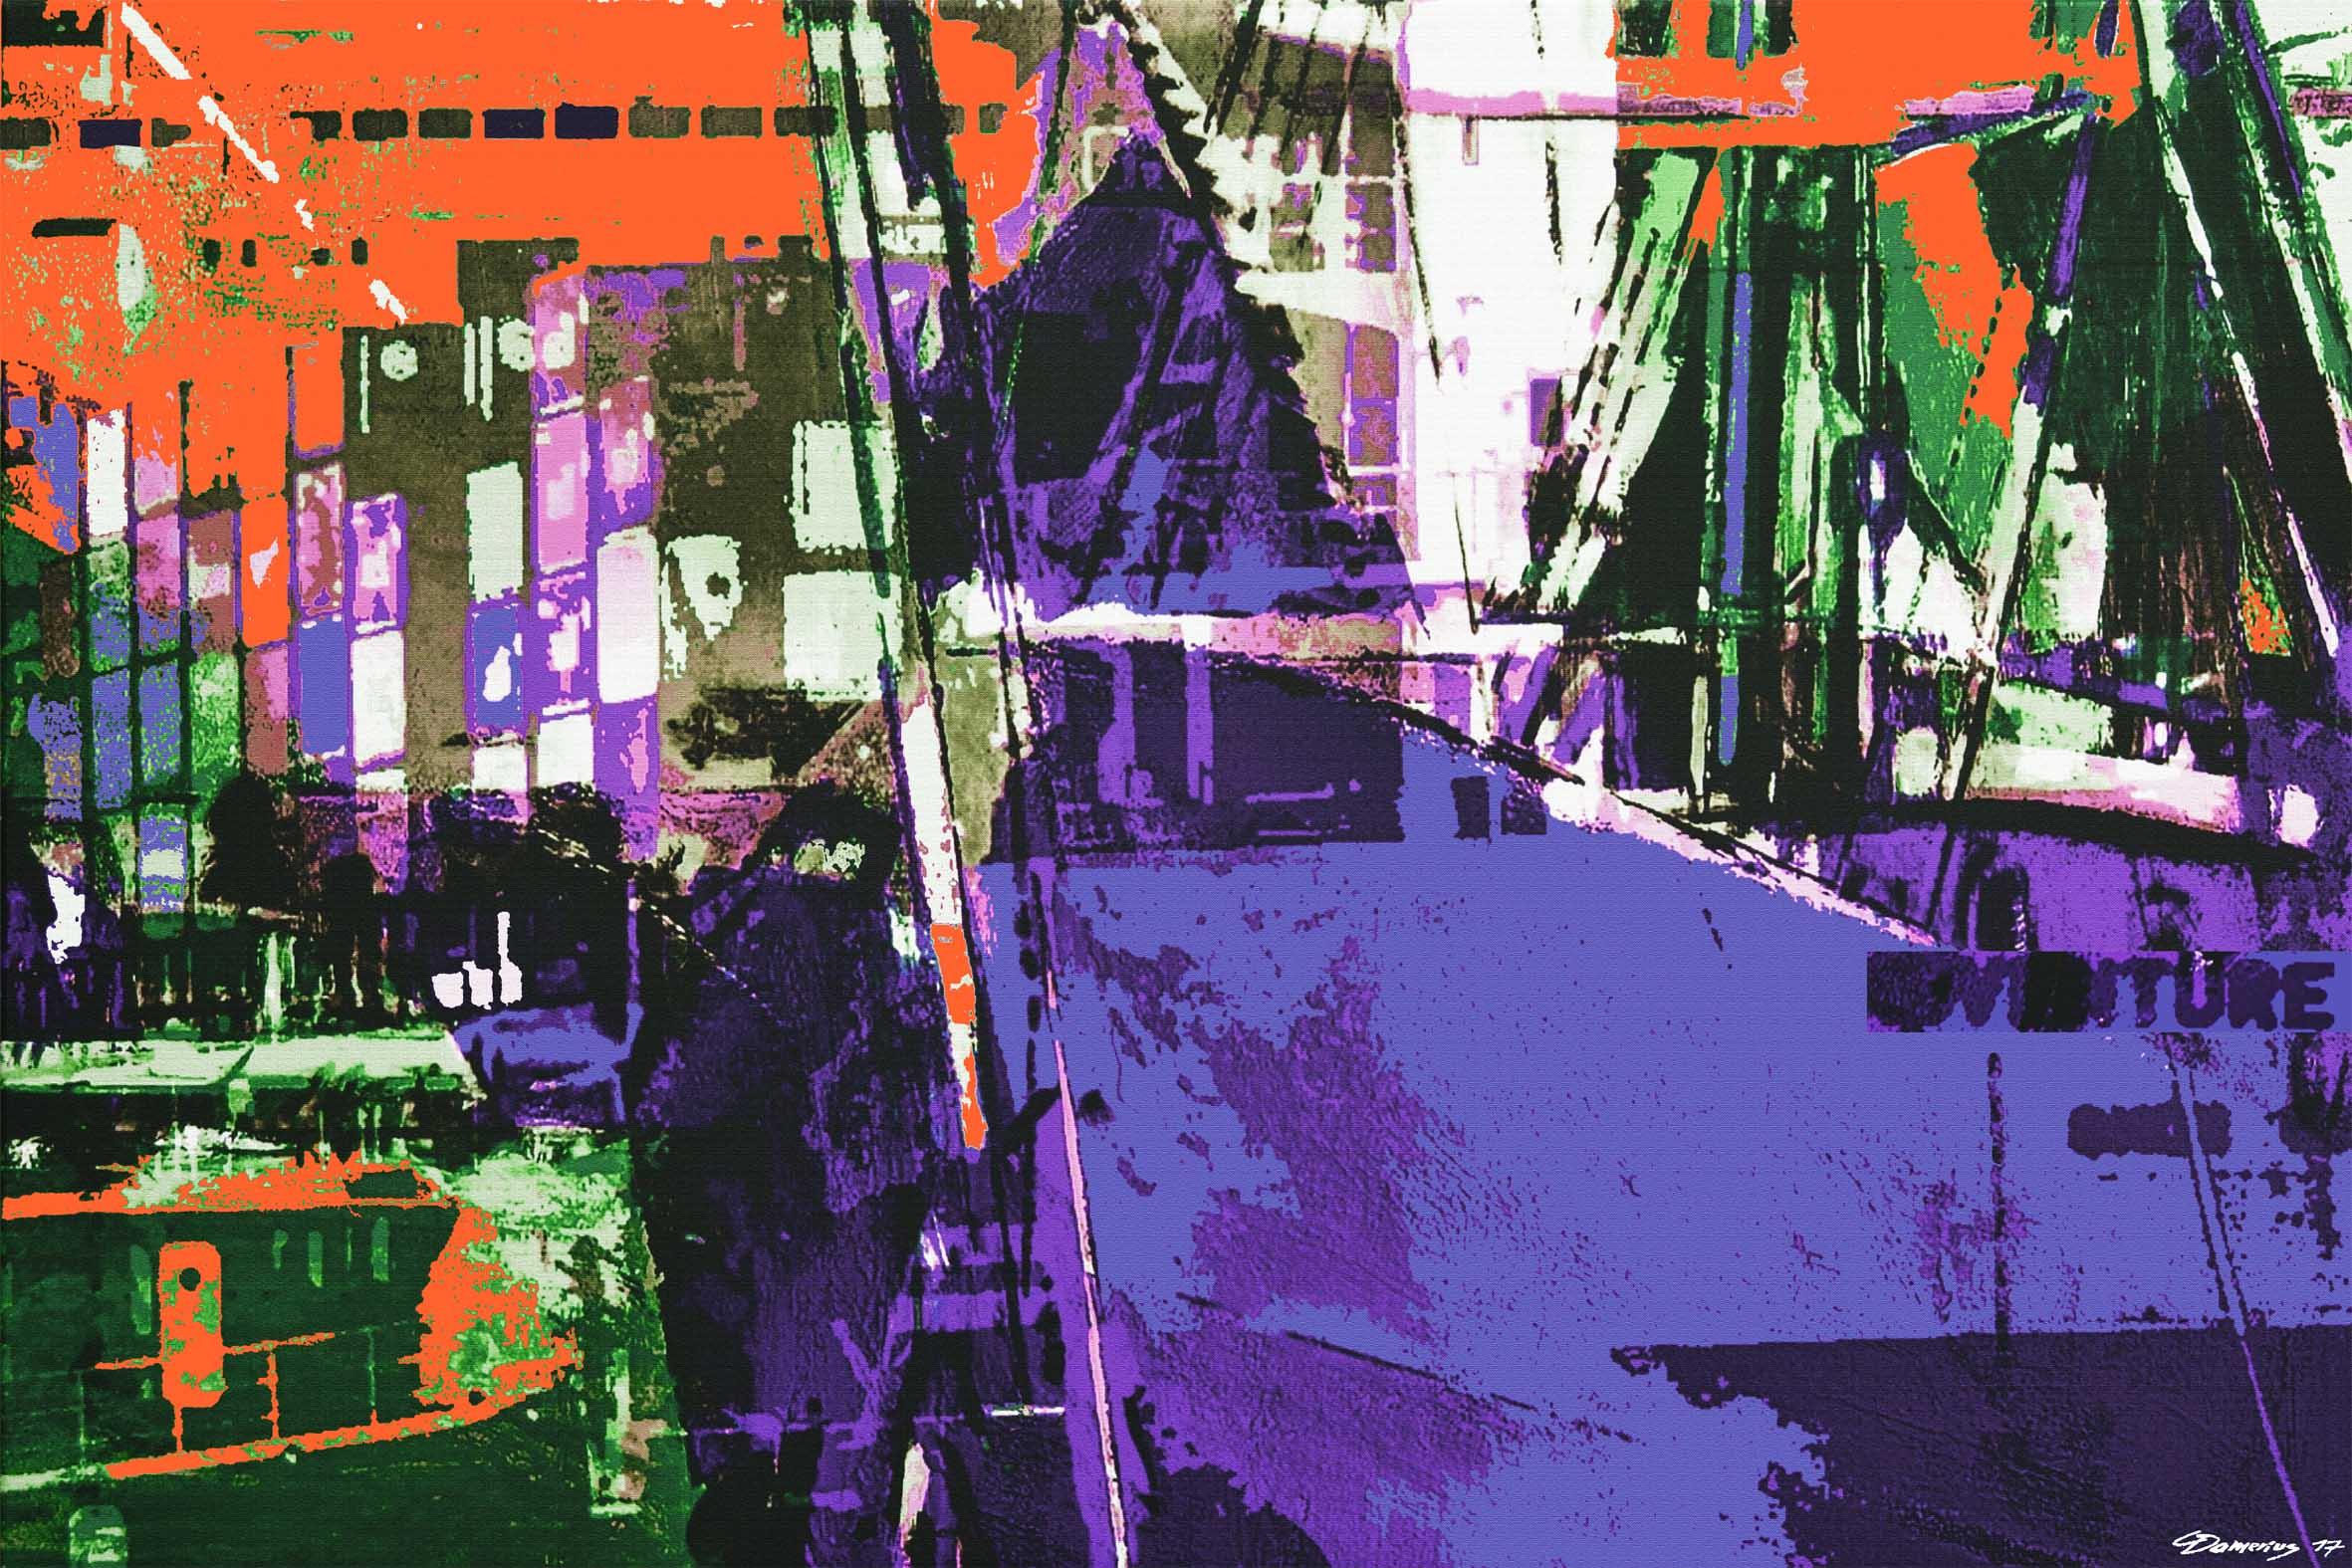 damerius,HAMBURG HAFEN IMPRESSION 5,kunstdrucke modern,hafenbilder hamburg,kunstdrucke hamburg motive,Kunstdrucke Motive Hamburger Hafen kaufen,KUNSTDRUCK,moderne Wandgestaltung mit Bildern,HAFENFOTOS,Bilder für Büros,KUNSTDRUCKE,KUNSTGALERIE CHRISTIAN DAMERIUS,HAMBURG-REINBEK,GERAHMTE KUNSTDRUCKE IN HAMBURG KAUFEN,HAMBURGER AUFTRAGSMALEREI